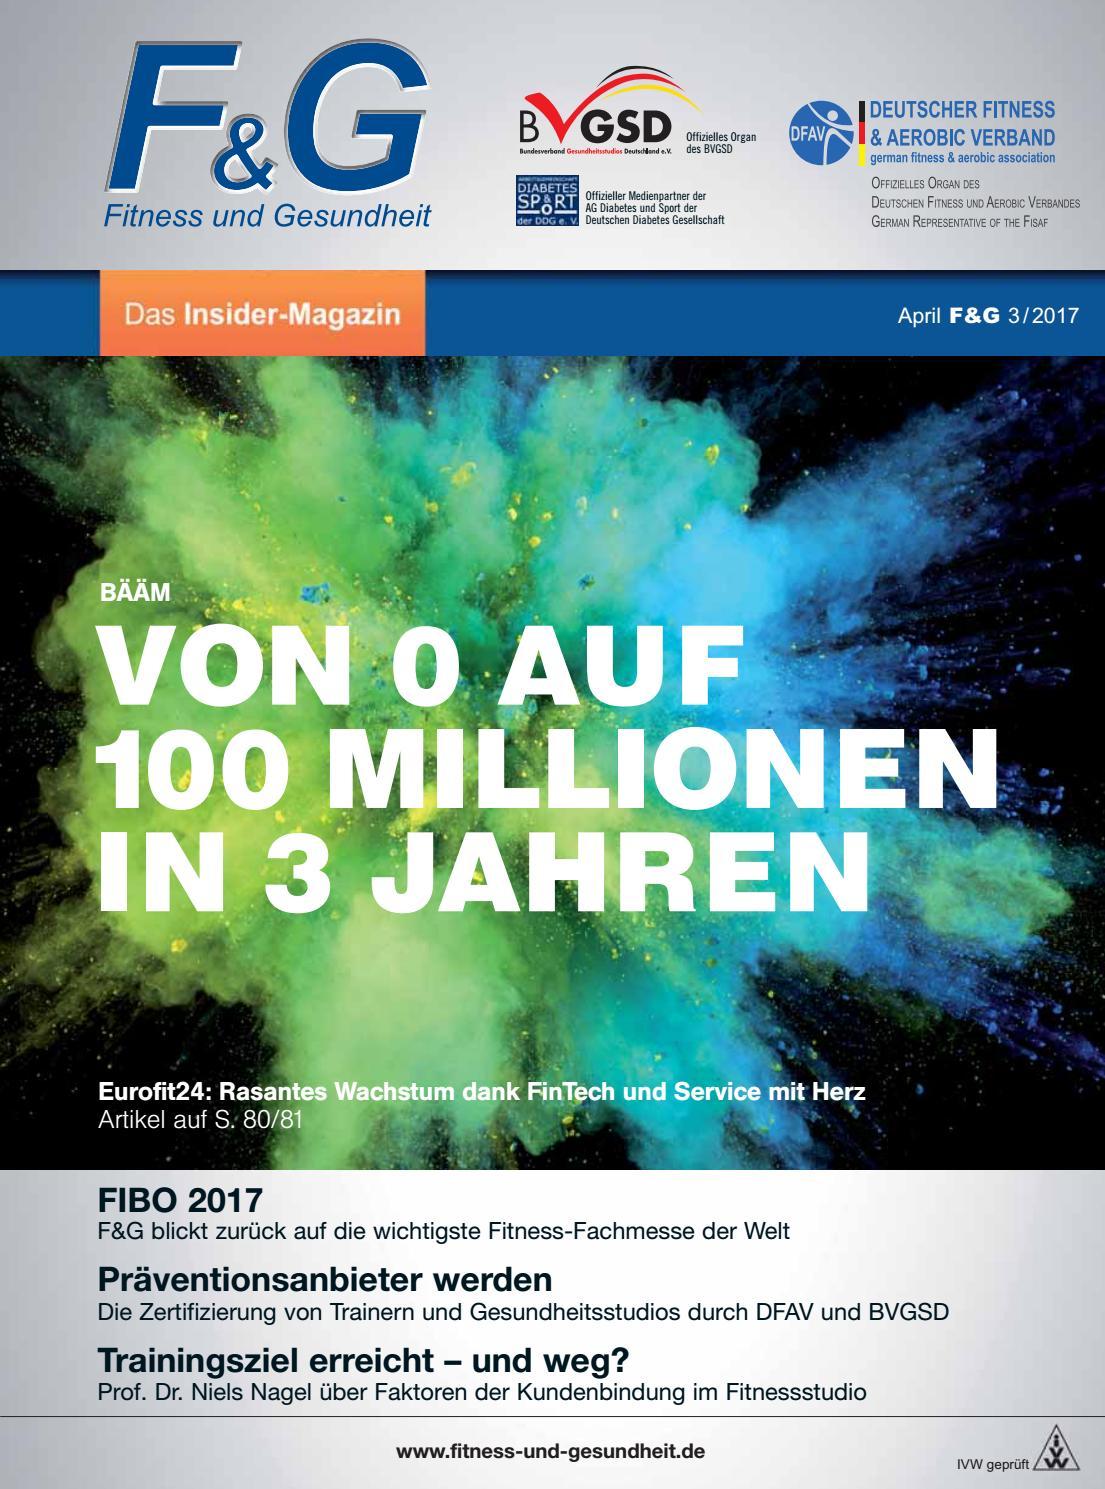 Fitness & Gesundheit - Magazin 3-17 by Media Verlag Celle GmbH & Co ...